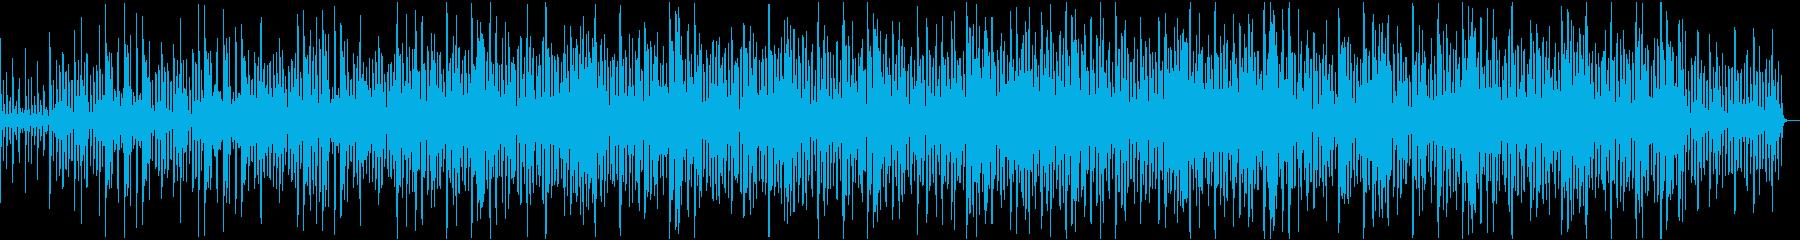 ストリングスと木管のほのぼのとしたBGMの再生済みの波形